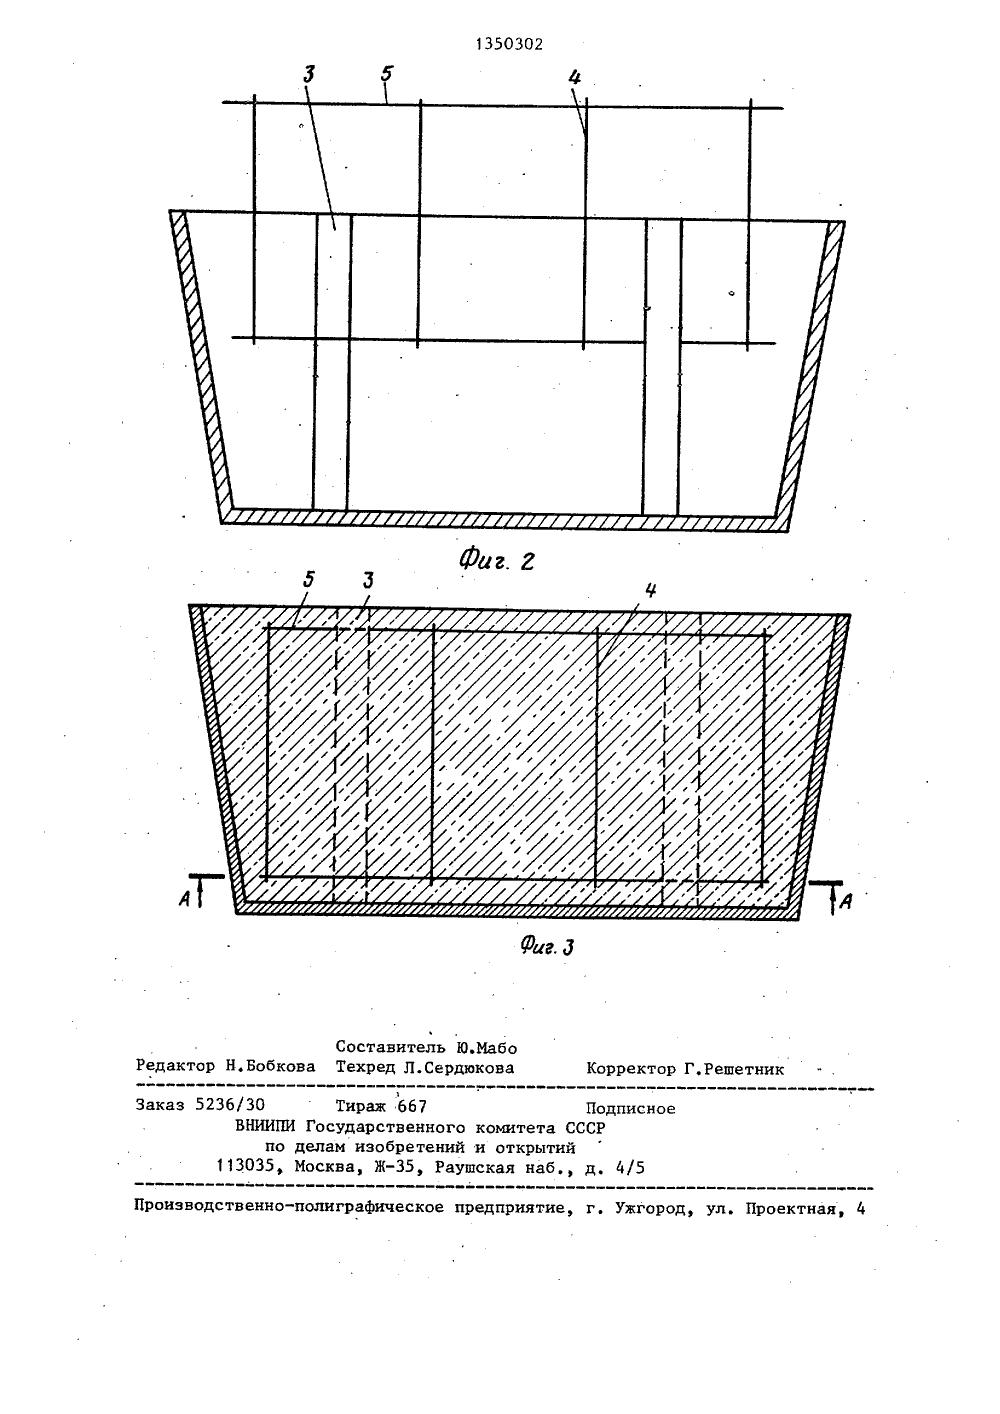 Изготовление железобетонных тюбингов гост плиты дорожные железобетонные